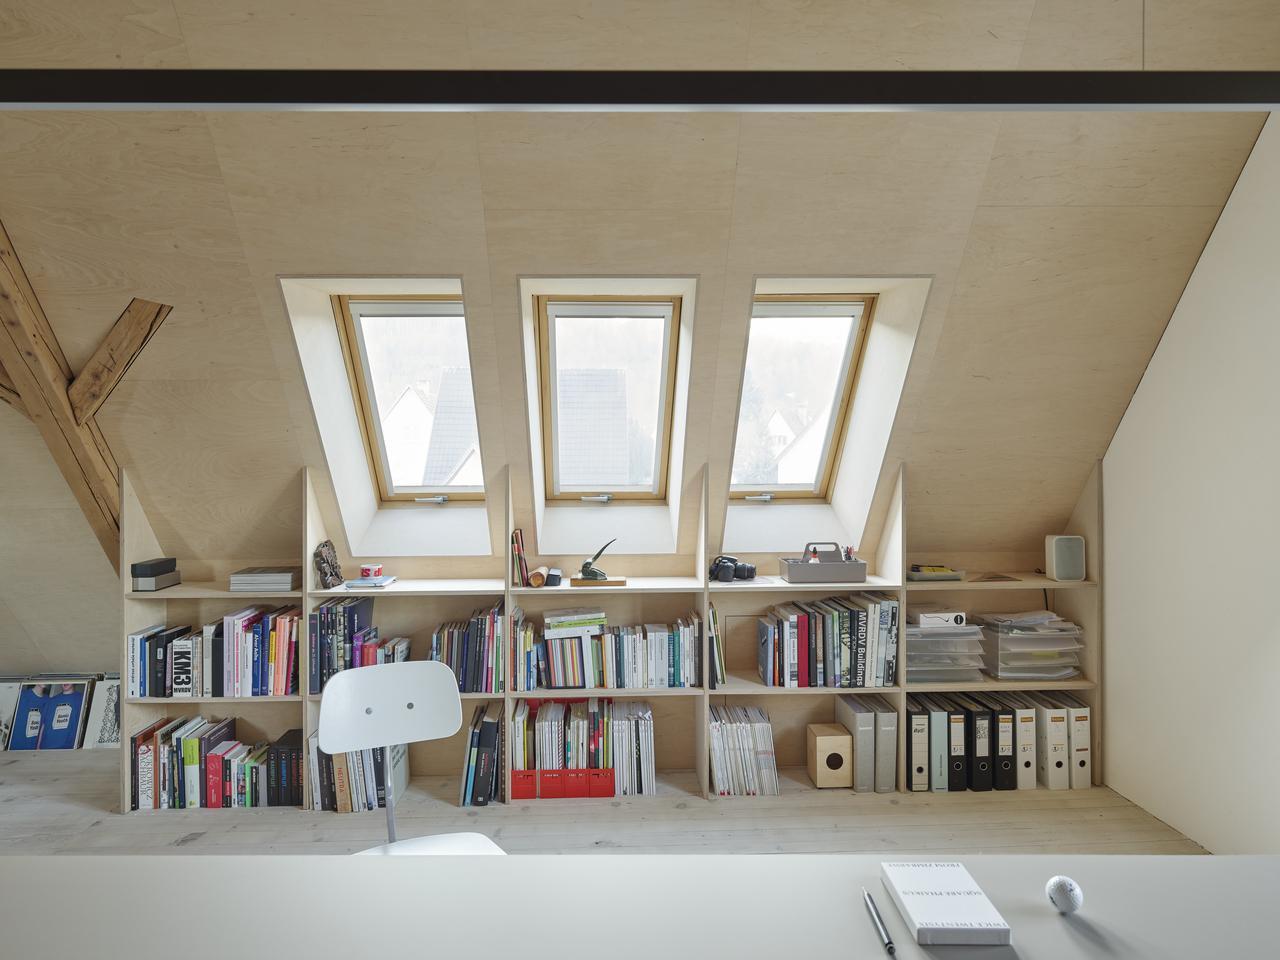 Дизайн интерьера кабинета и офиса на мансардном этаже: фото #0034 Як облаштувати і обставити ігрову кімнату на мансарді?